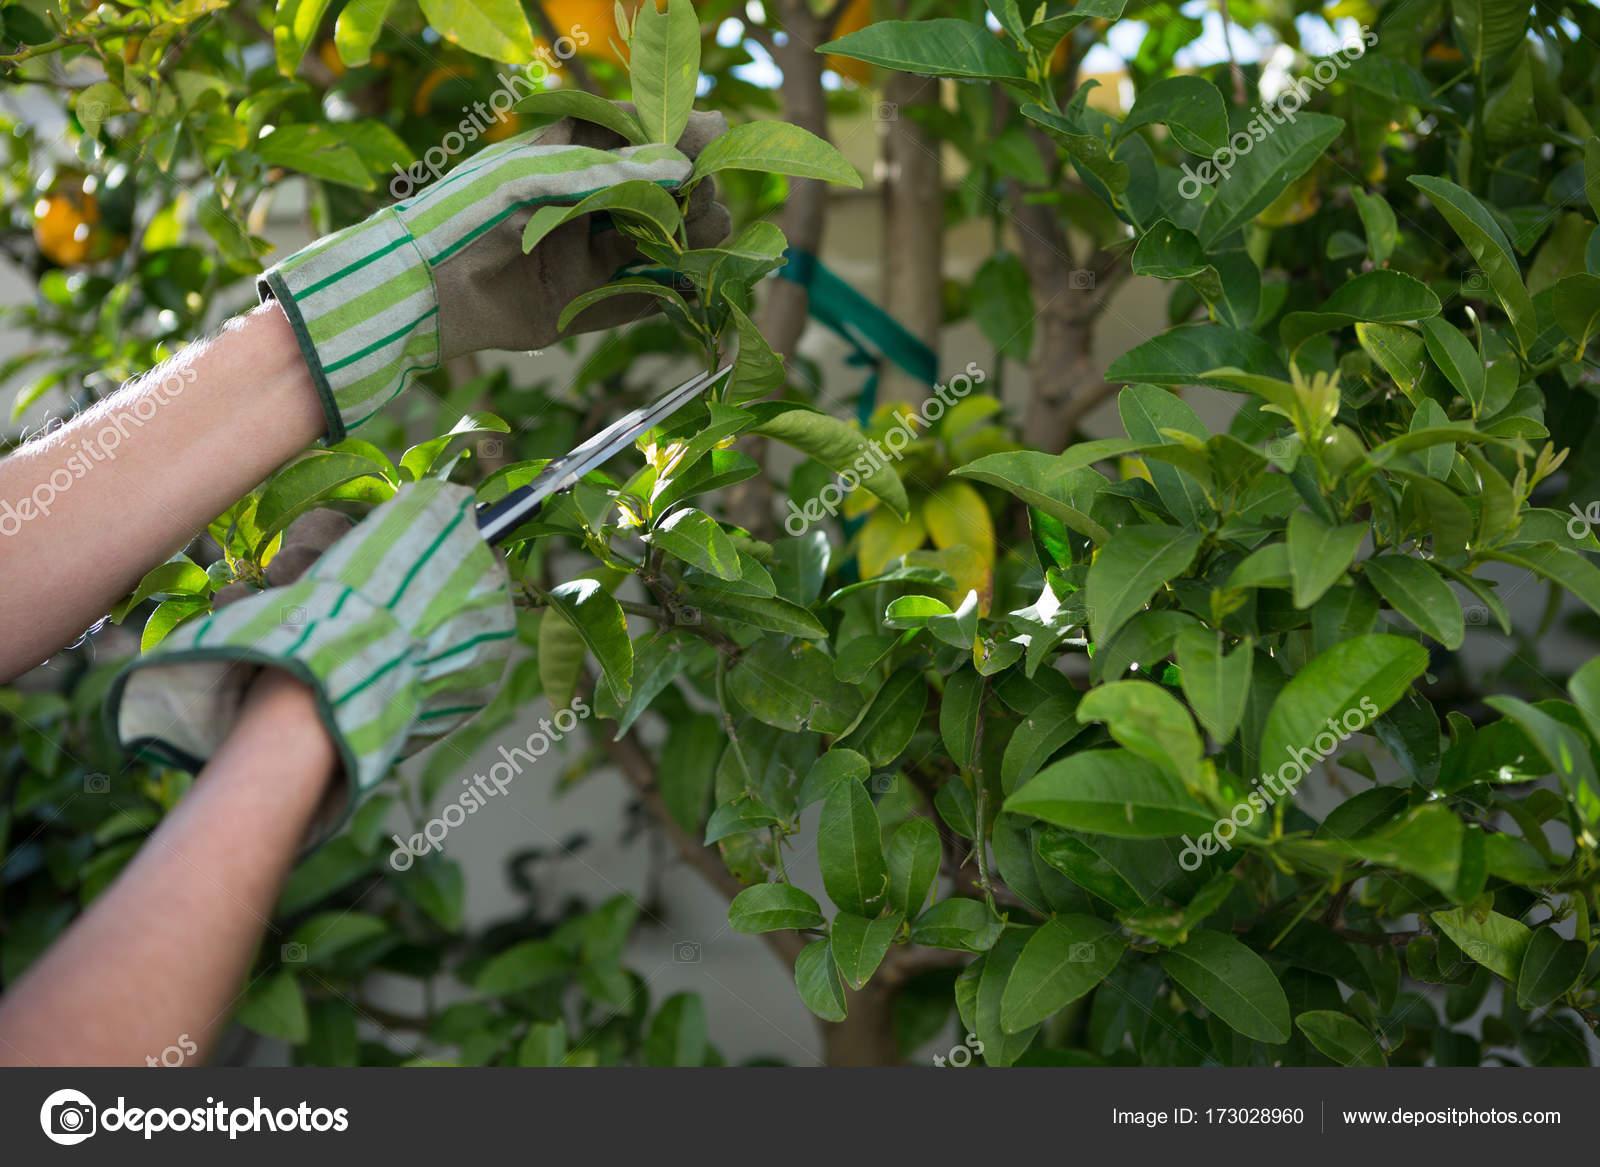 Tuin snoeien vijgen soorten planten snoeien en de vijgen for Tuin snoeien